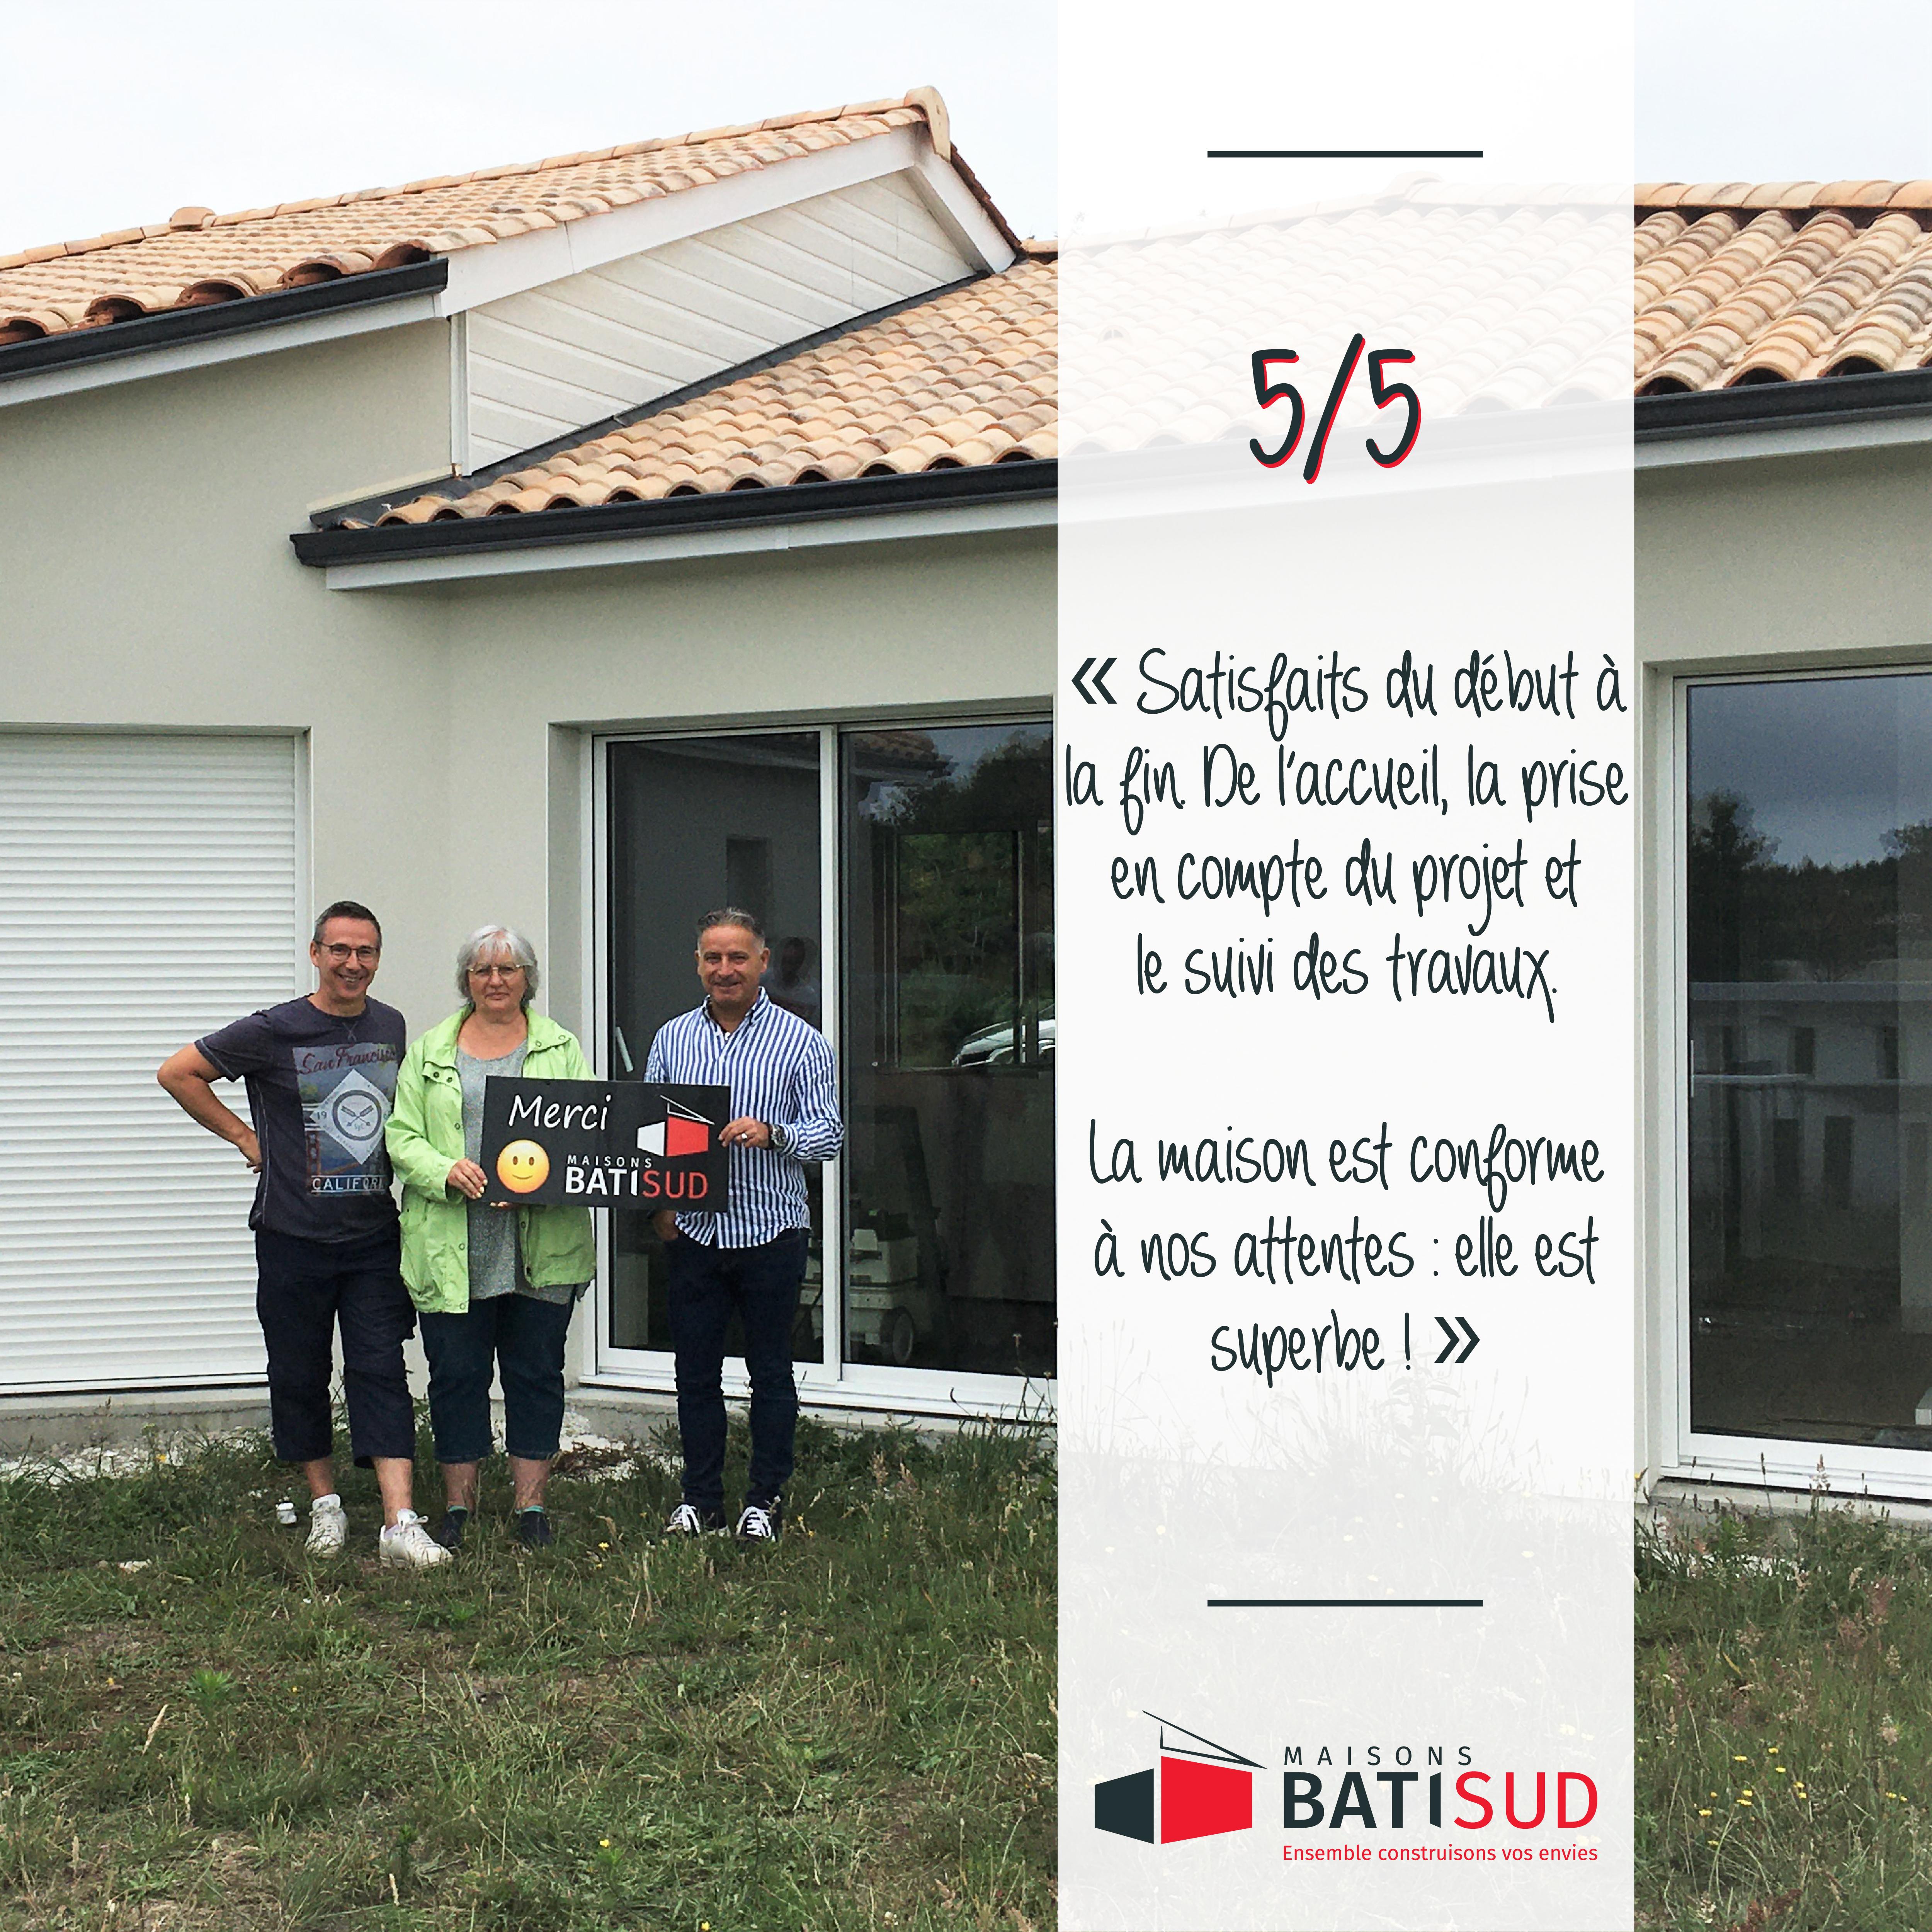 MAISONS BATI SUD - Réception d'une nouvelle maison à Hourtin - 1